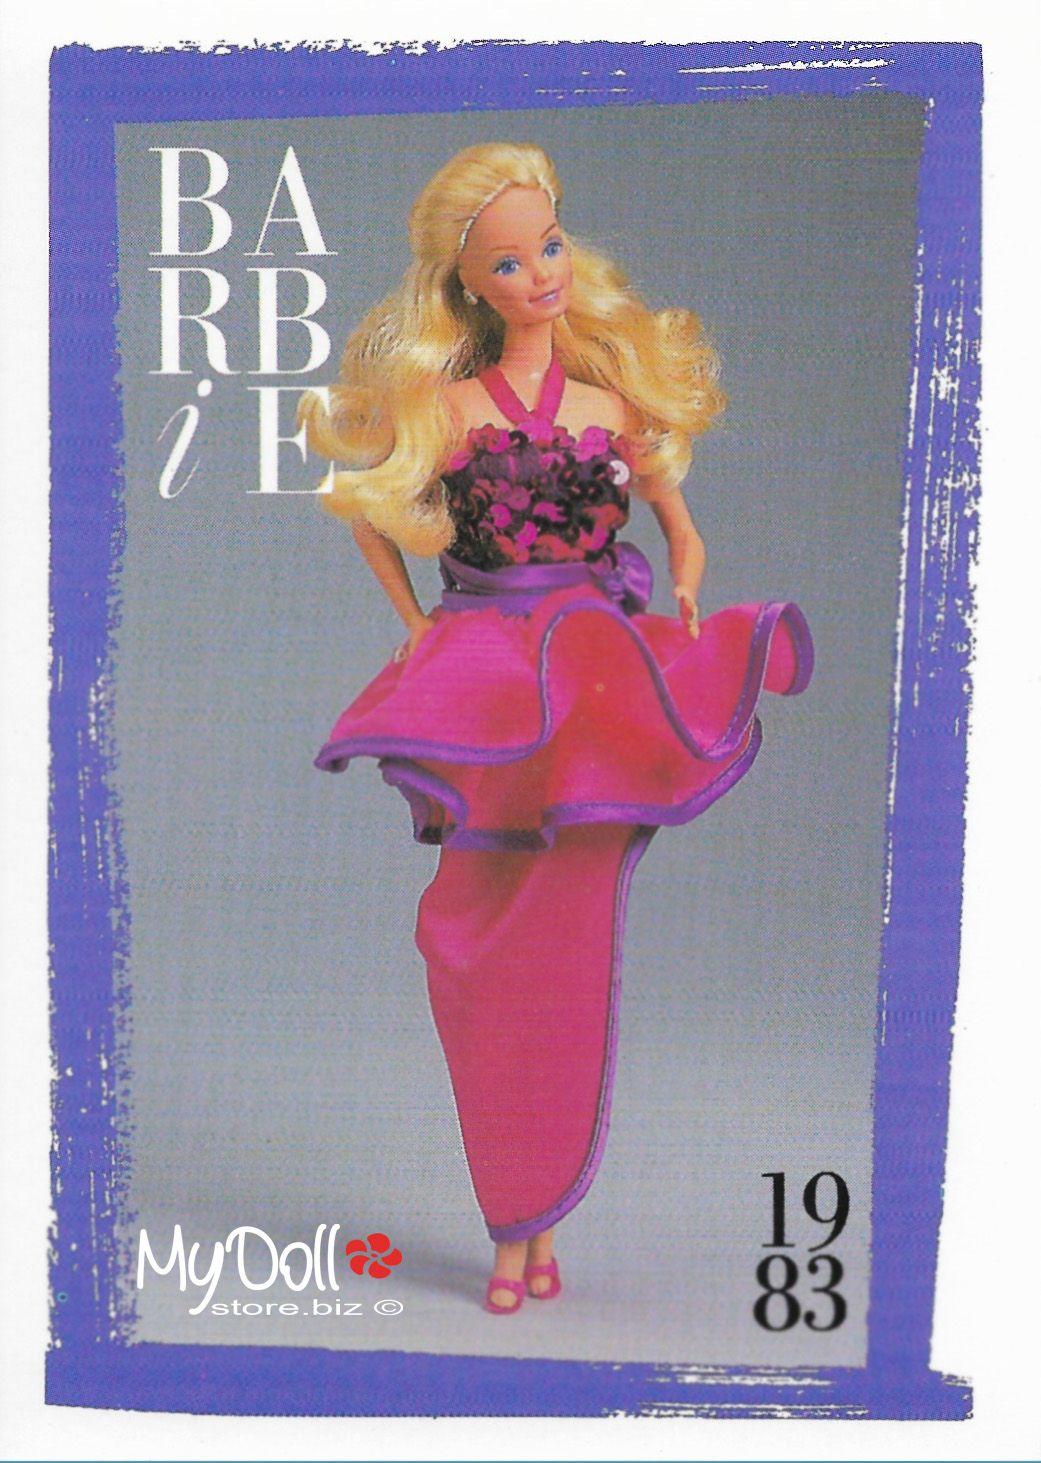 1983 Dream Date Barbie in 2020 Barbie, Dream date